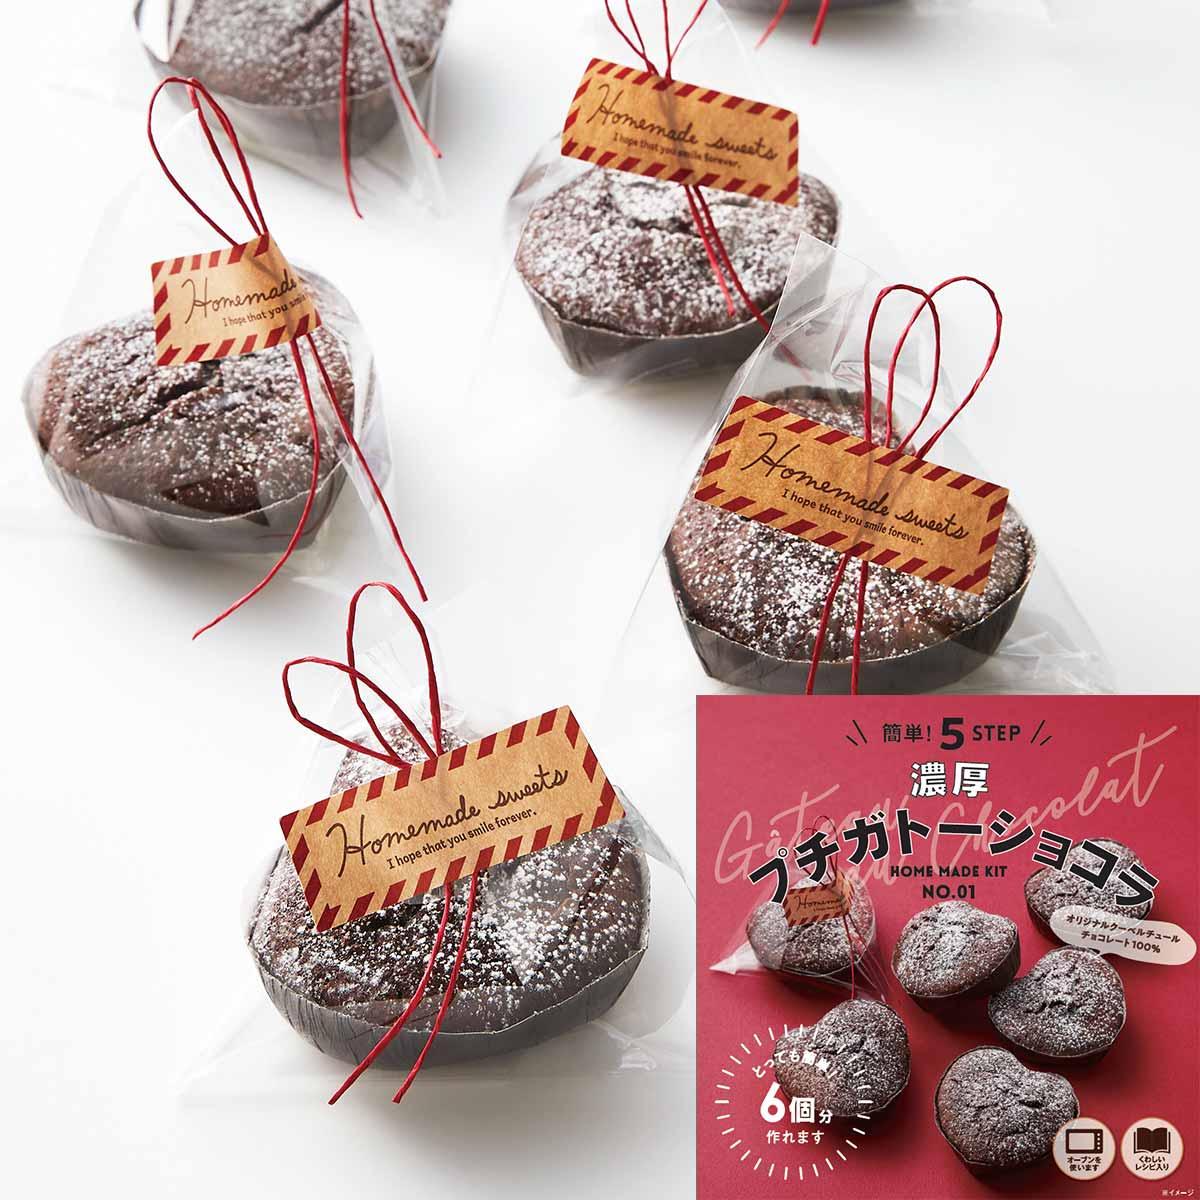 30個作れる手作りキット 濃厚ガトーショコラバー 約2×7cm 30本分 ラッピング付き  簡単 友チョコ かわいい 可愛い 友チョコ バレンタイン 手作り 製菓 手作りキット